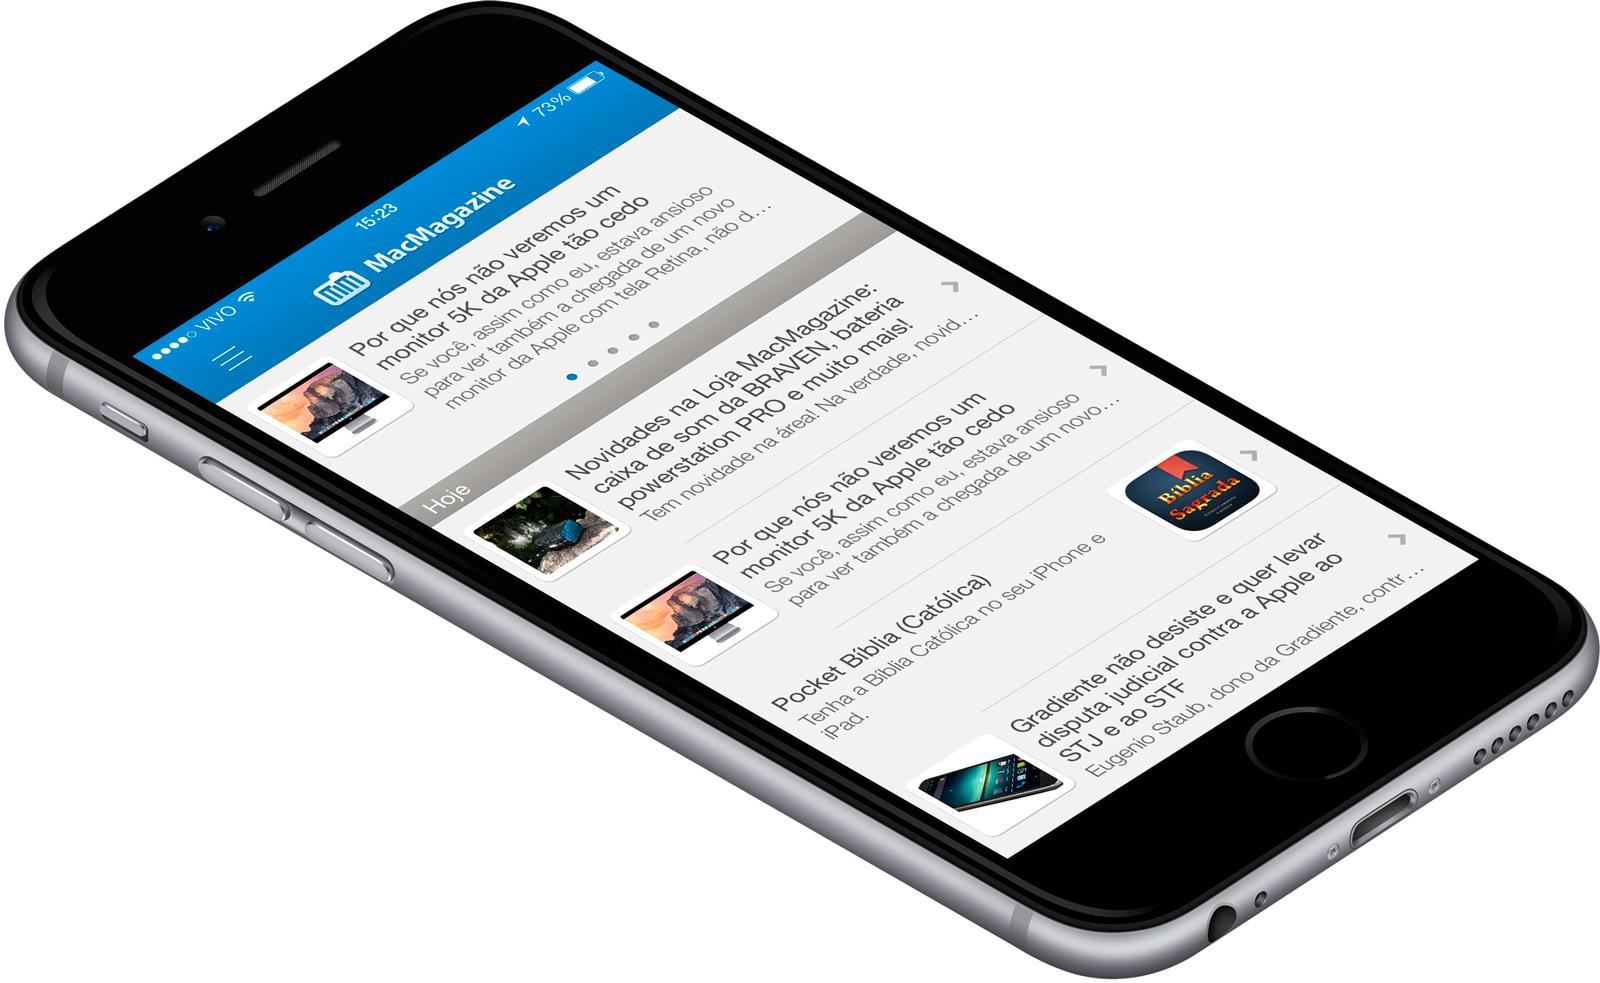 MacMagazine 2.0.3 em iPhone 6